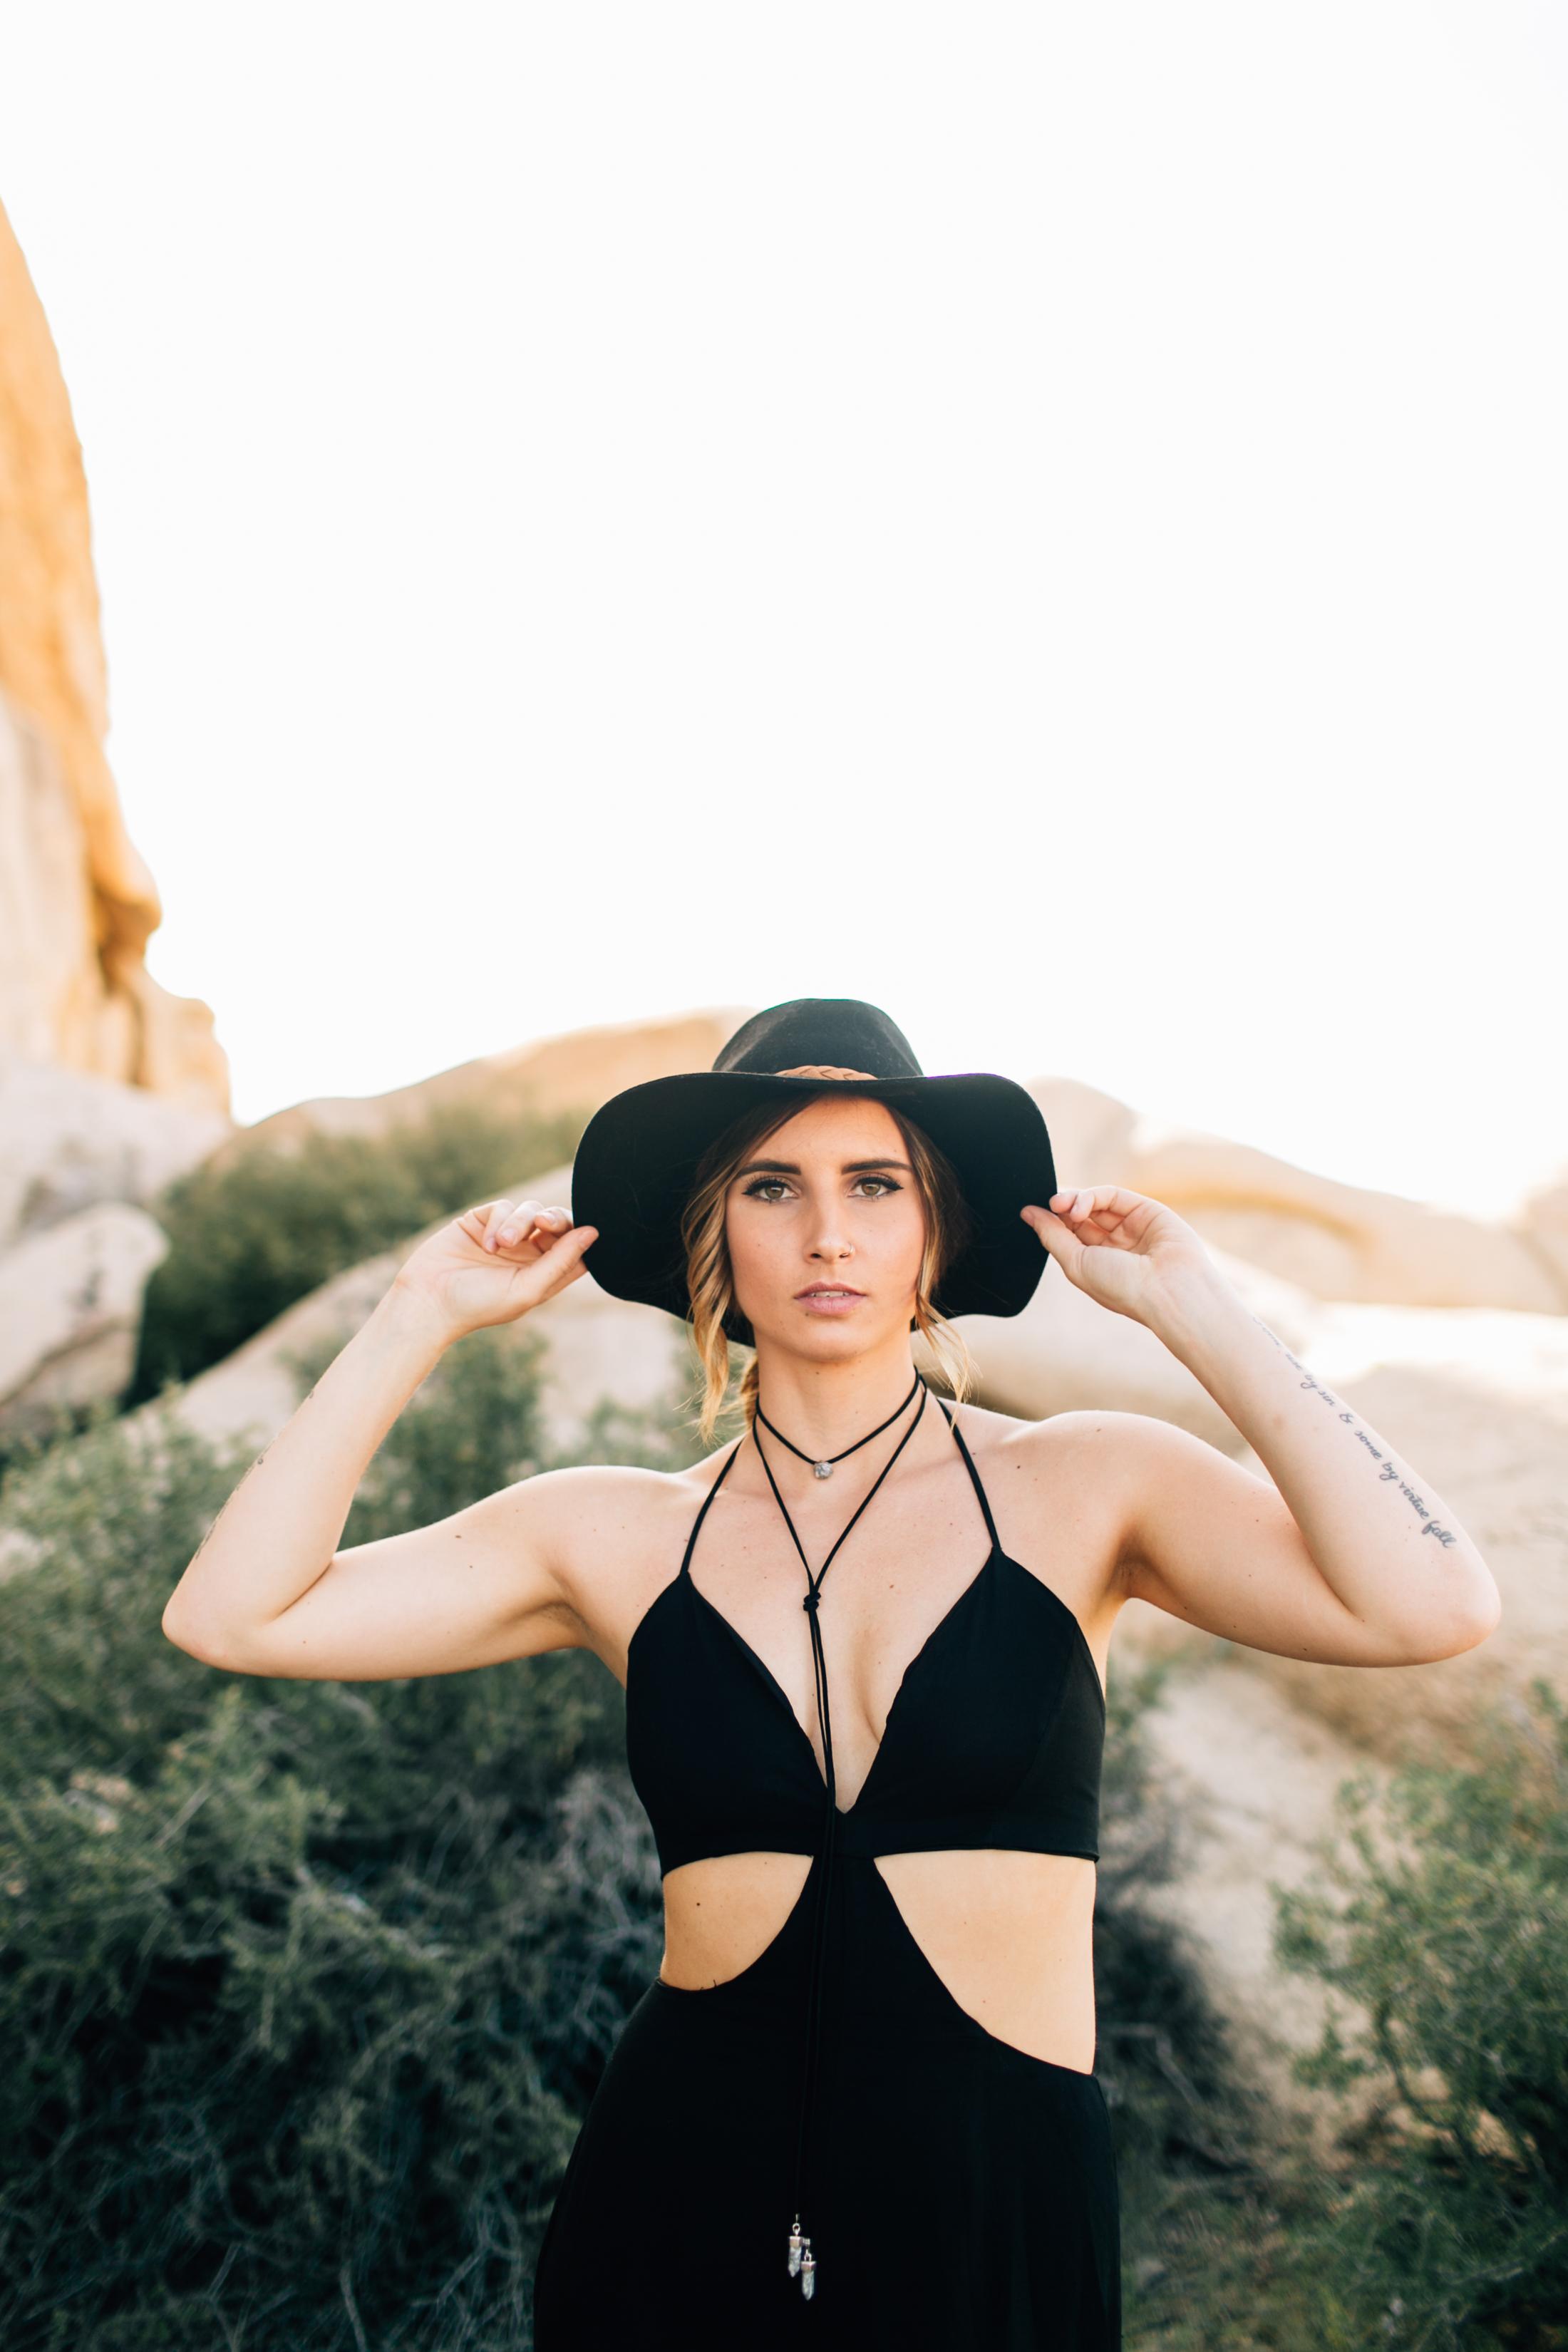 JennaBechtholtPhotography-314.jpg